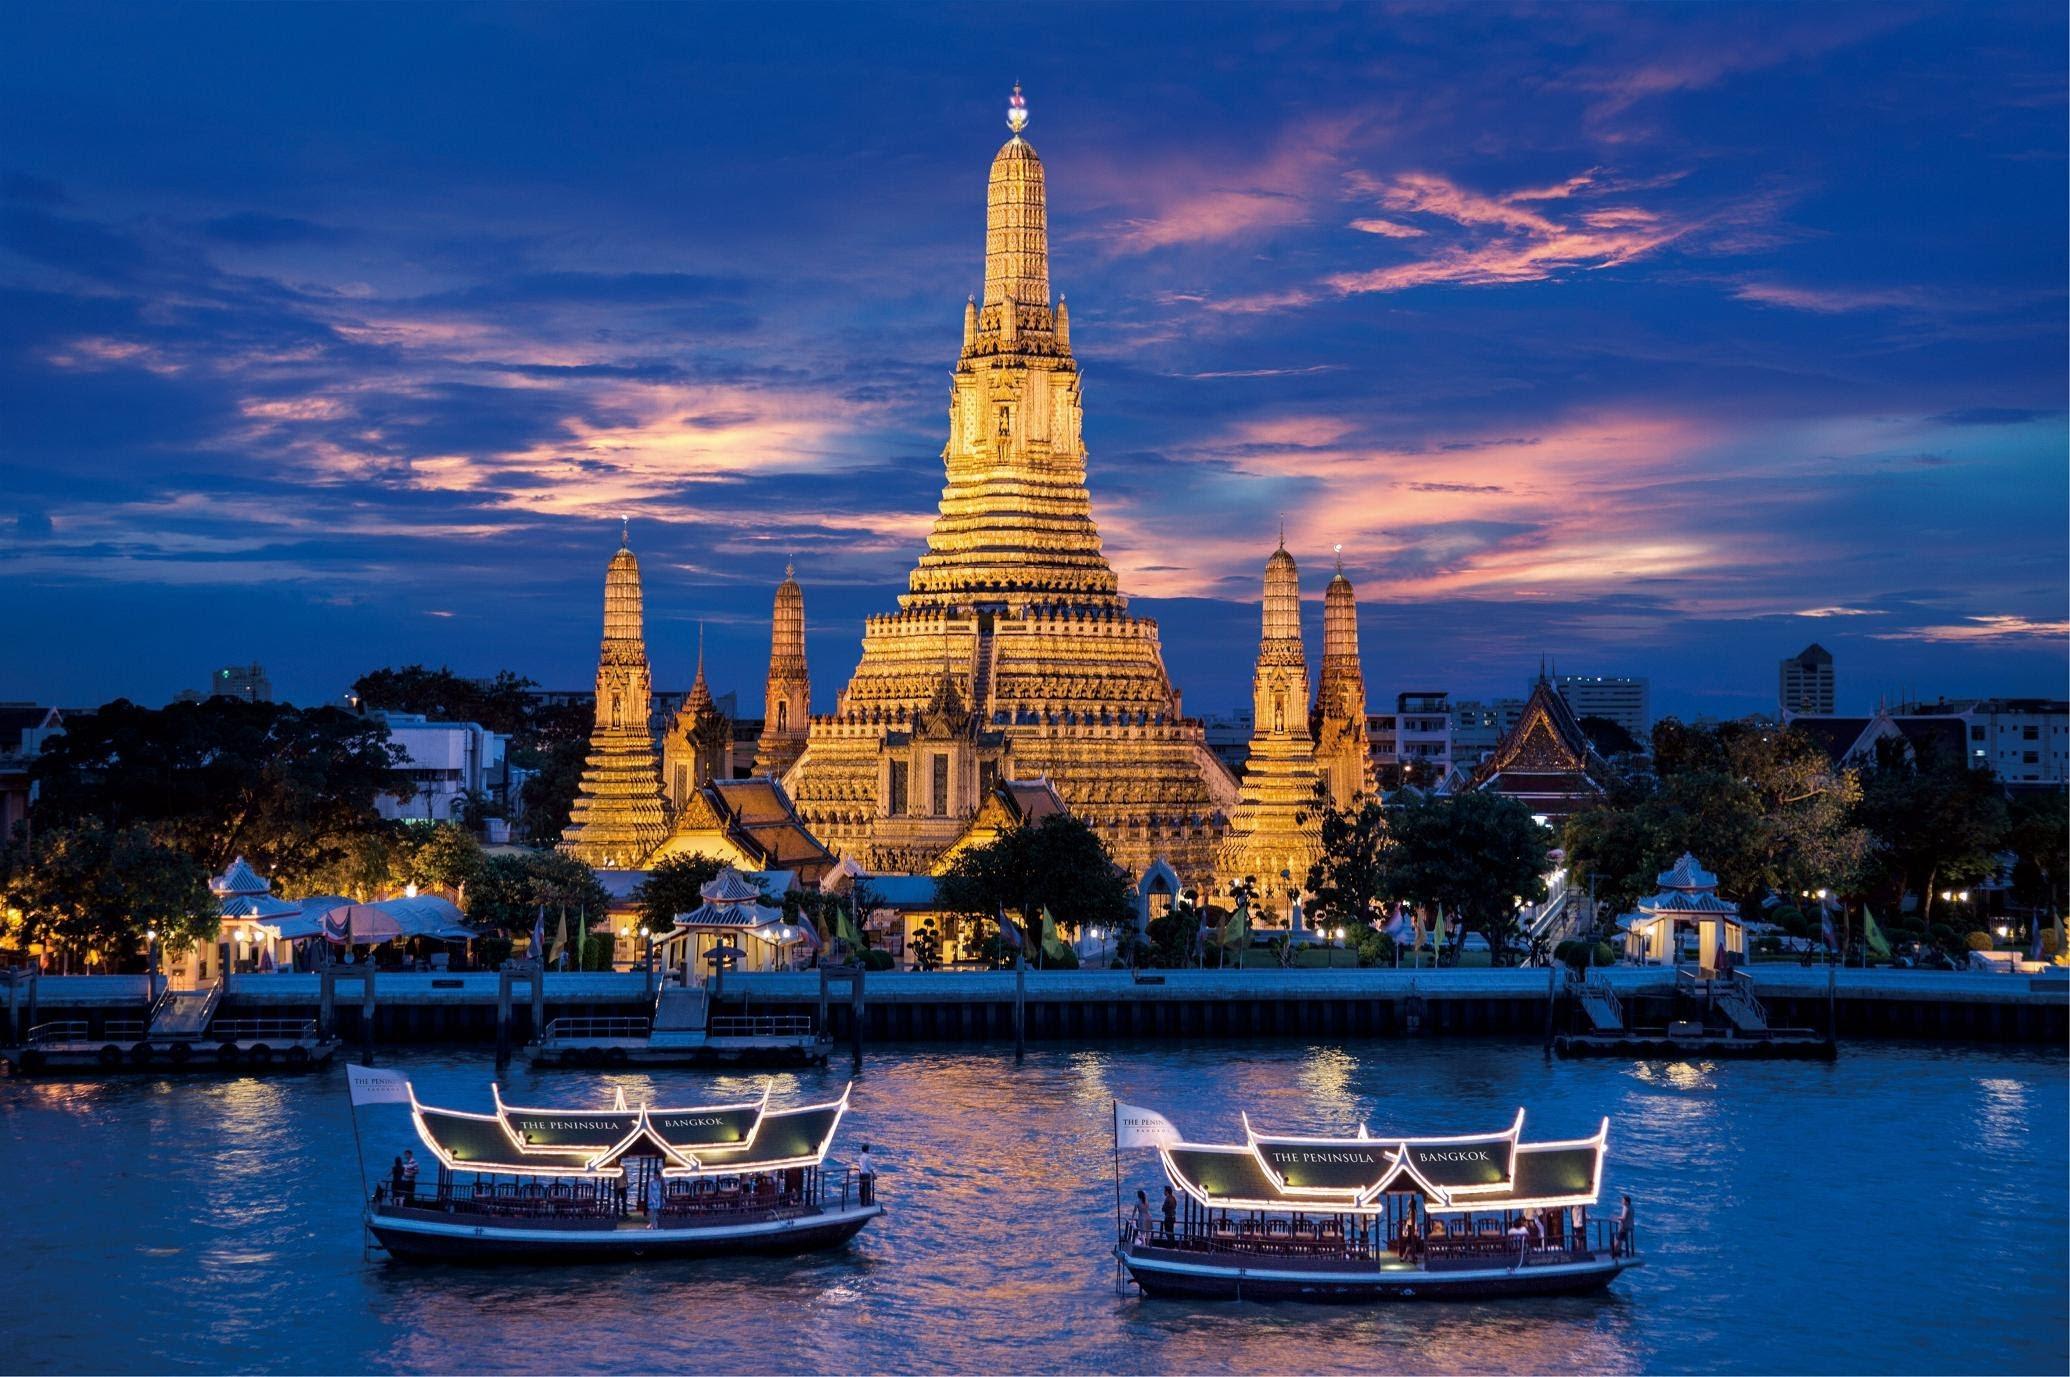 thai-lan-canh-dep-nhu-phim